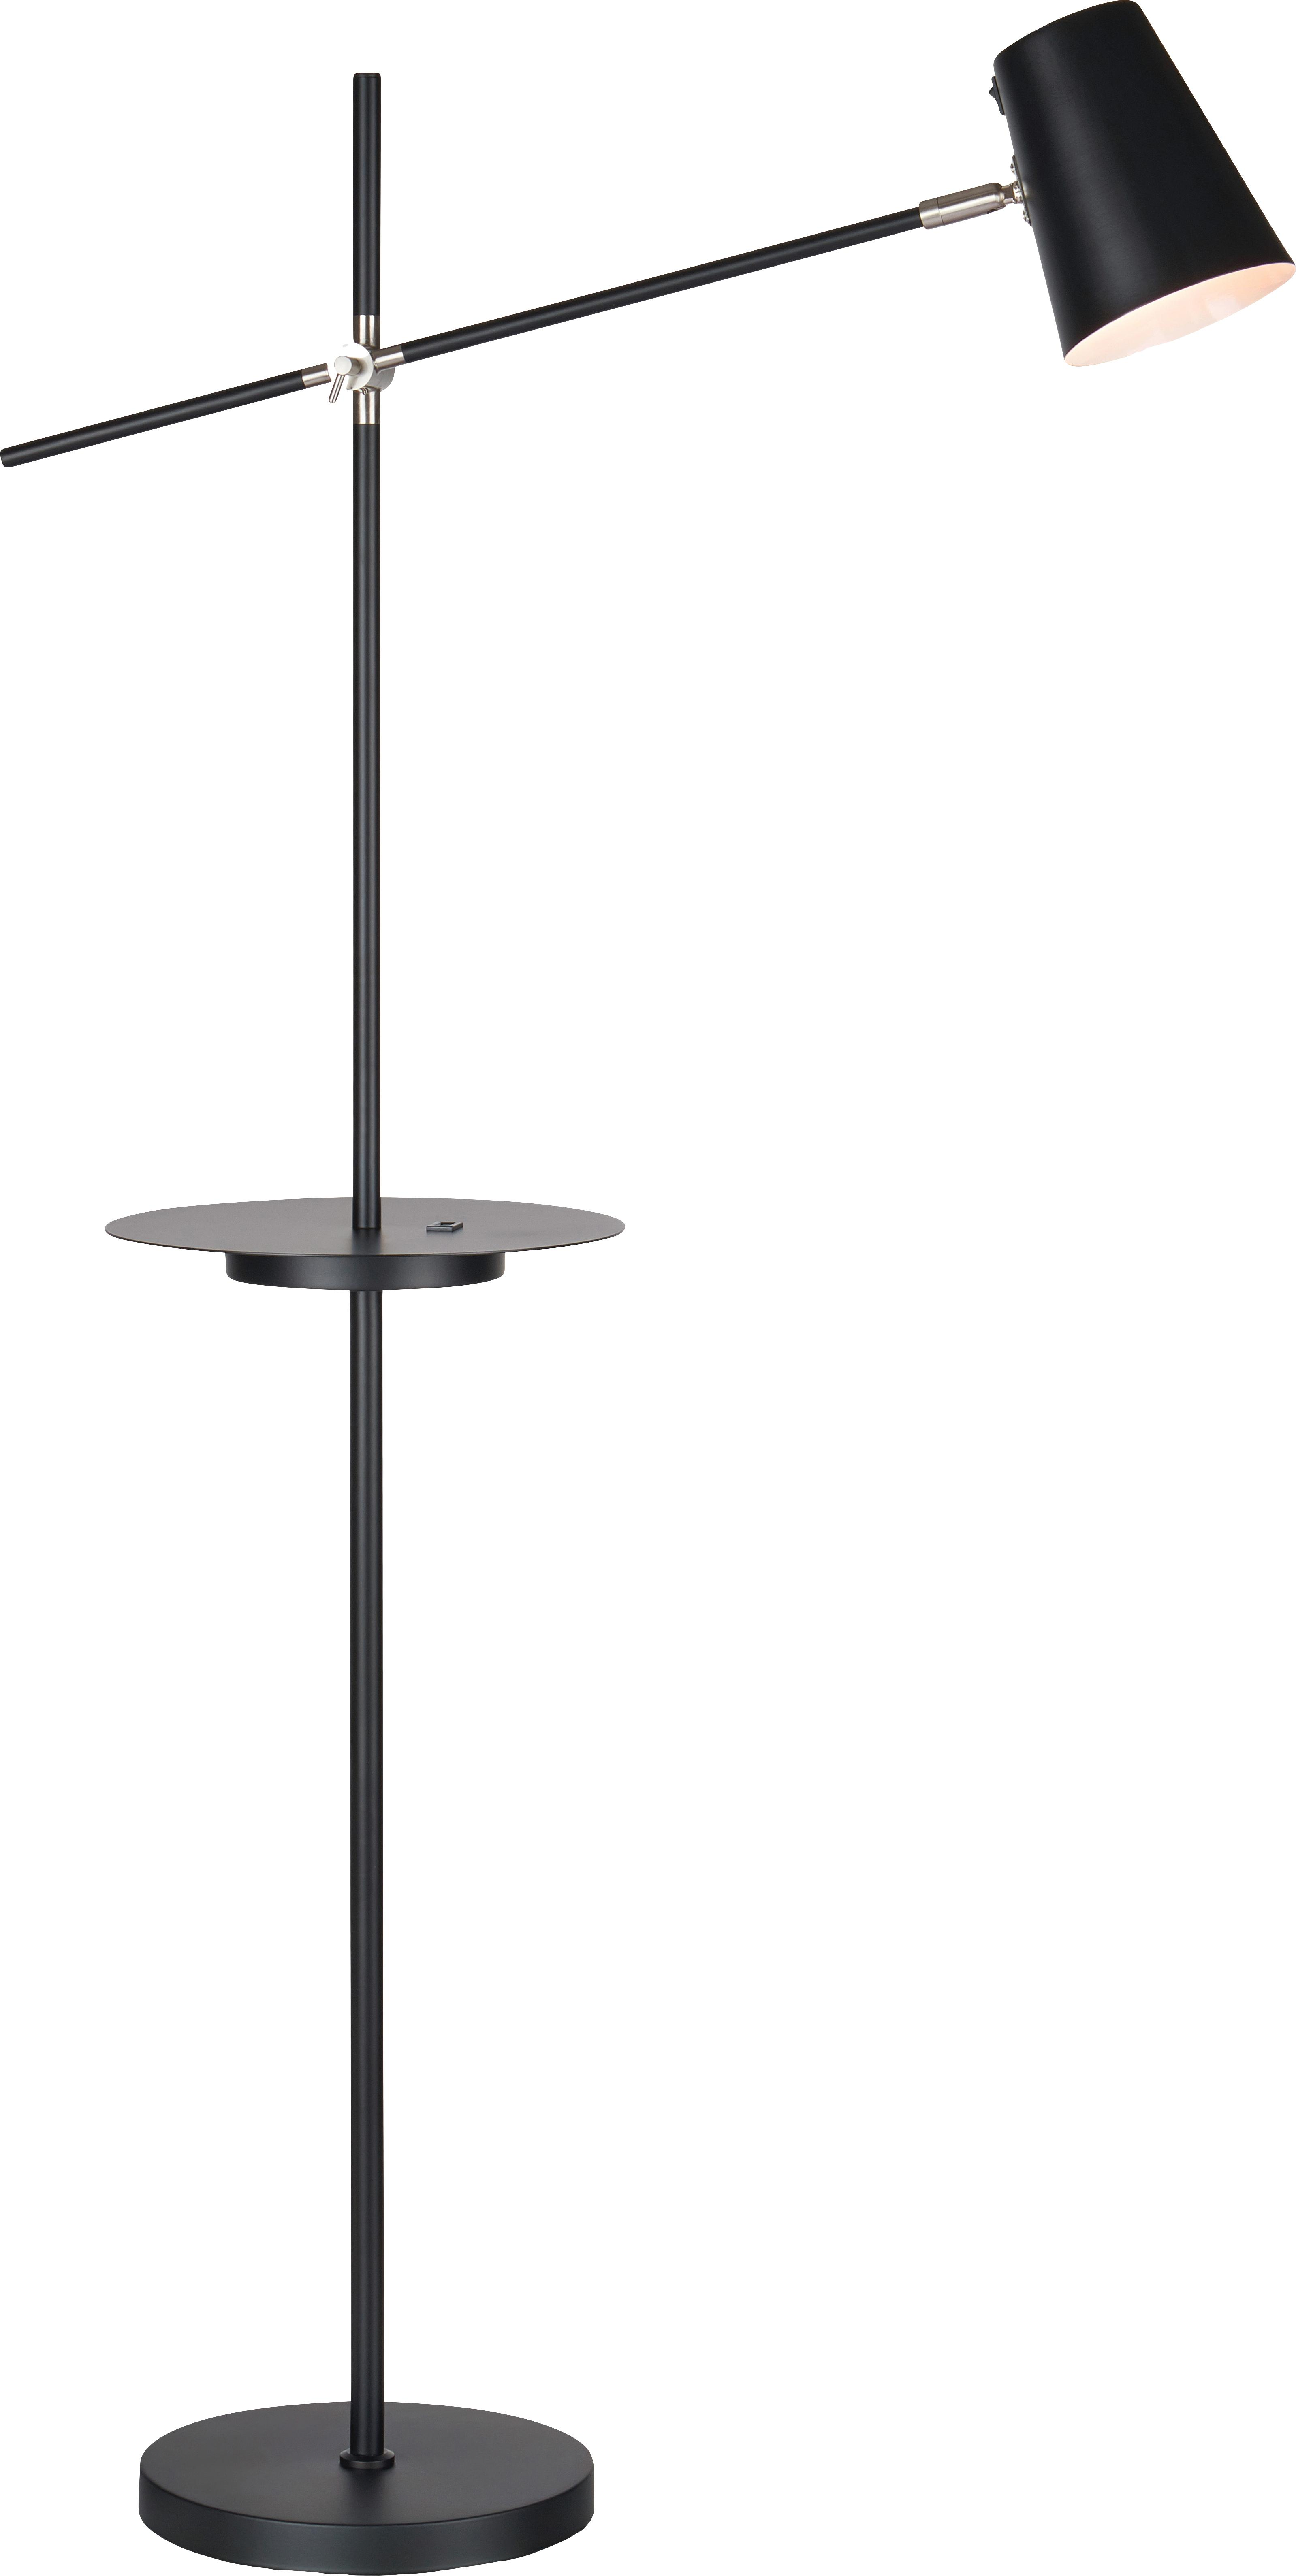 Leselampe Linear mit Ablage und USB-Anschluss, Leuchte: Metall, beschichtet, Schwarz, 28 x 144 cm